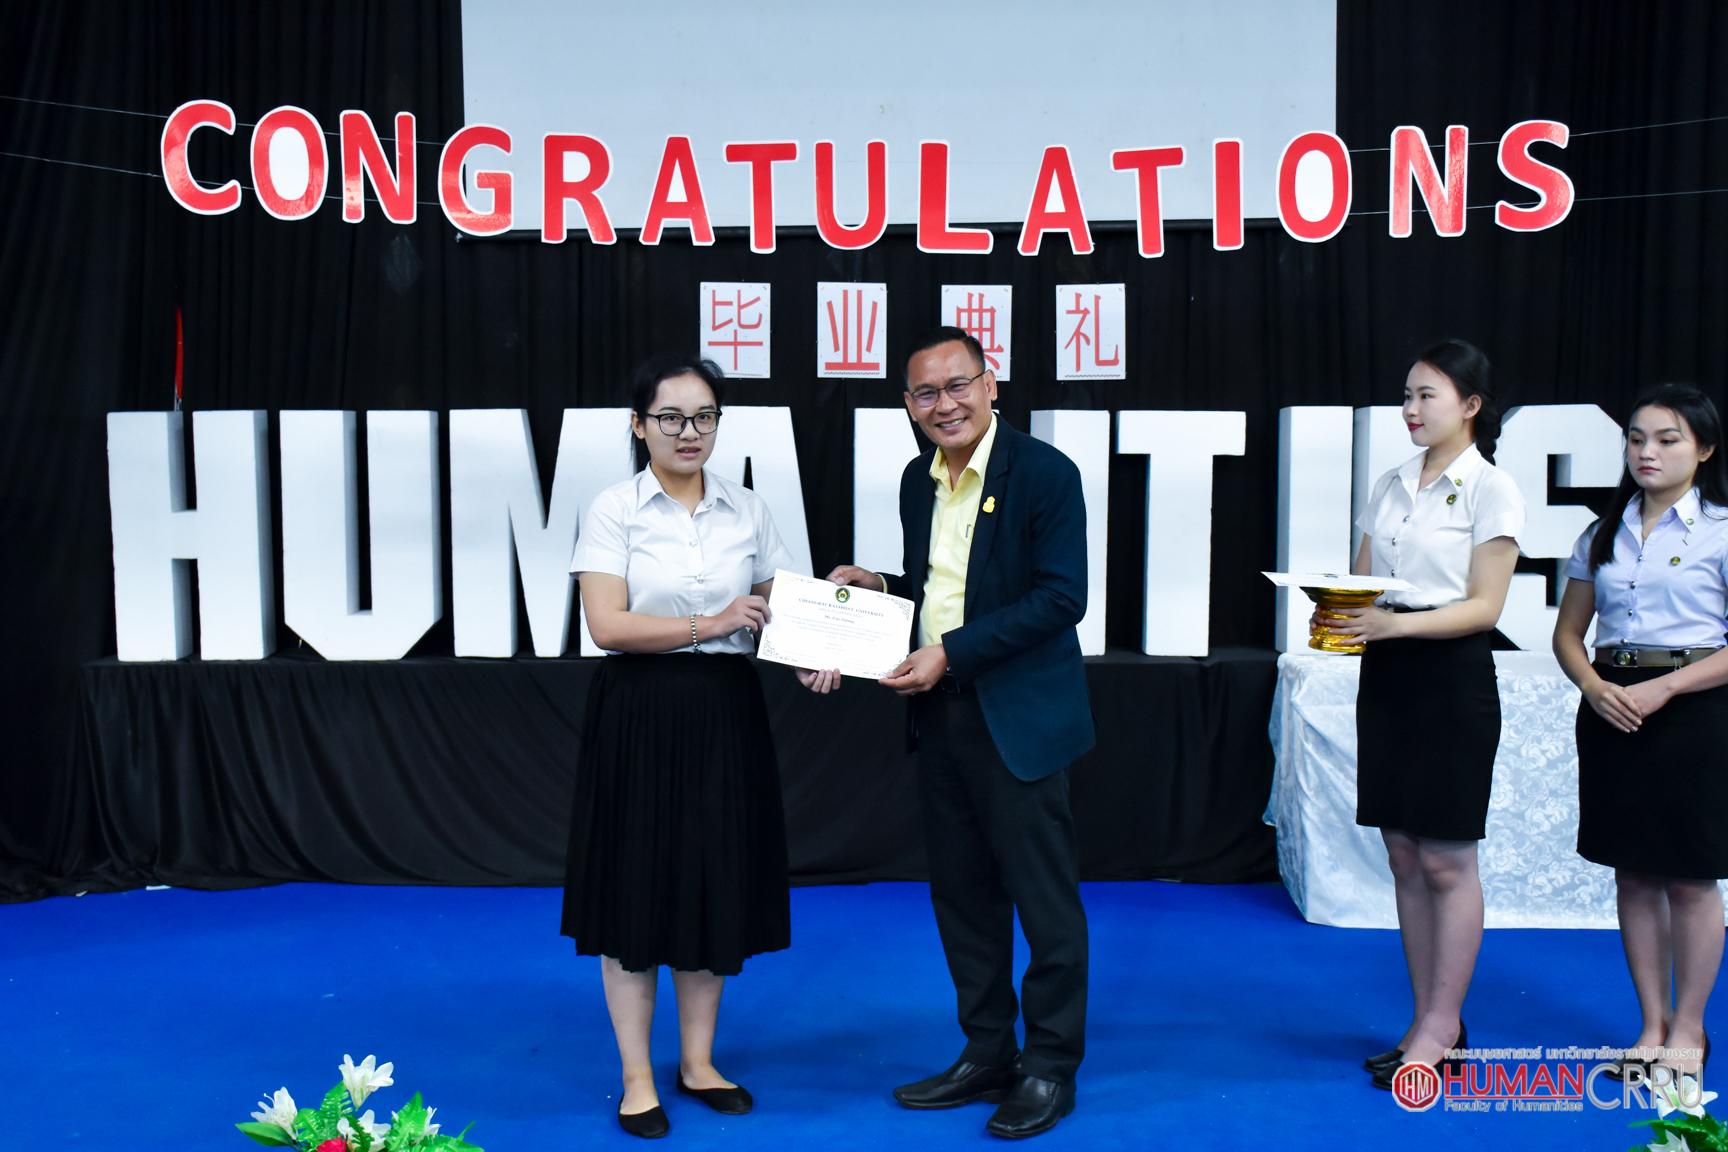 อบรมปัจฉิมนิเทศและมอบวุฒิบัตรแก่นักศึกษาชาวจีน